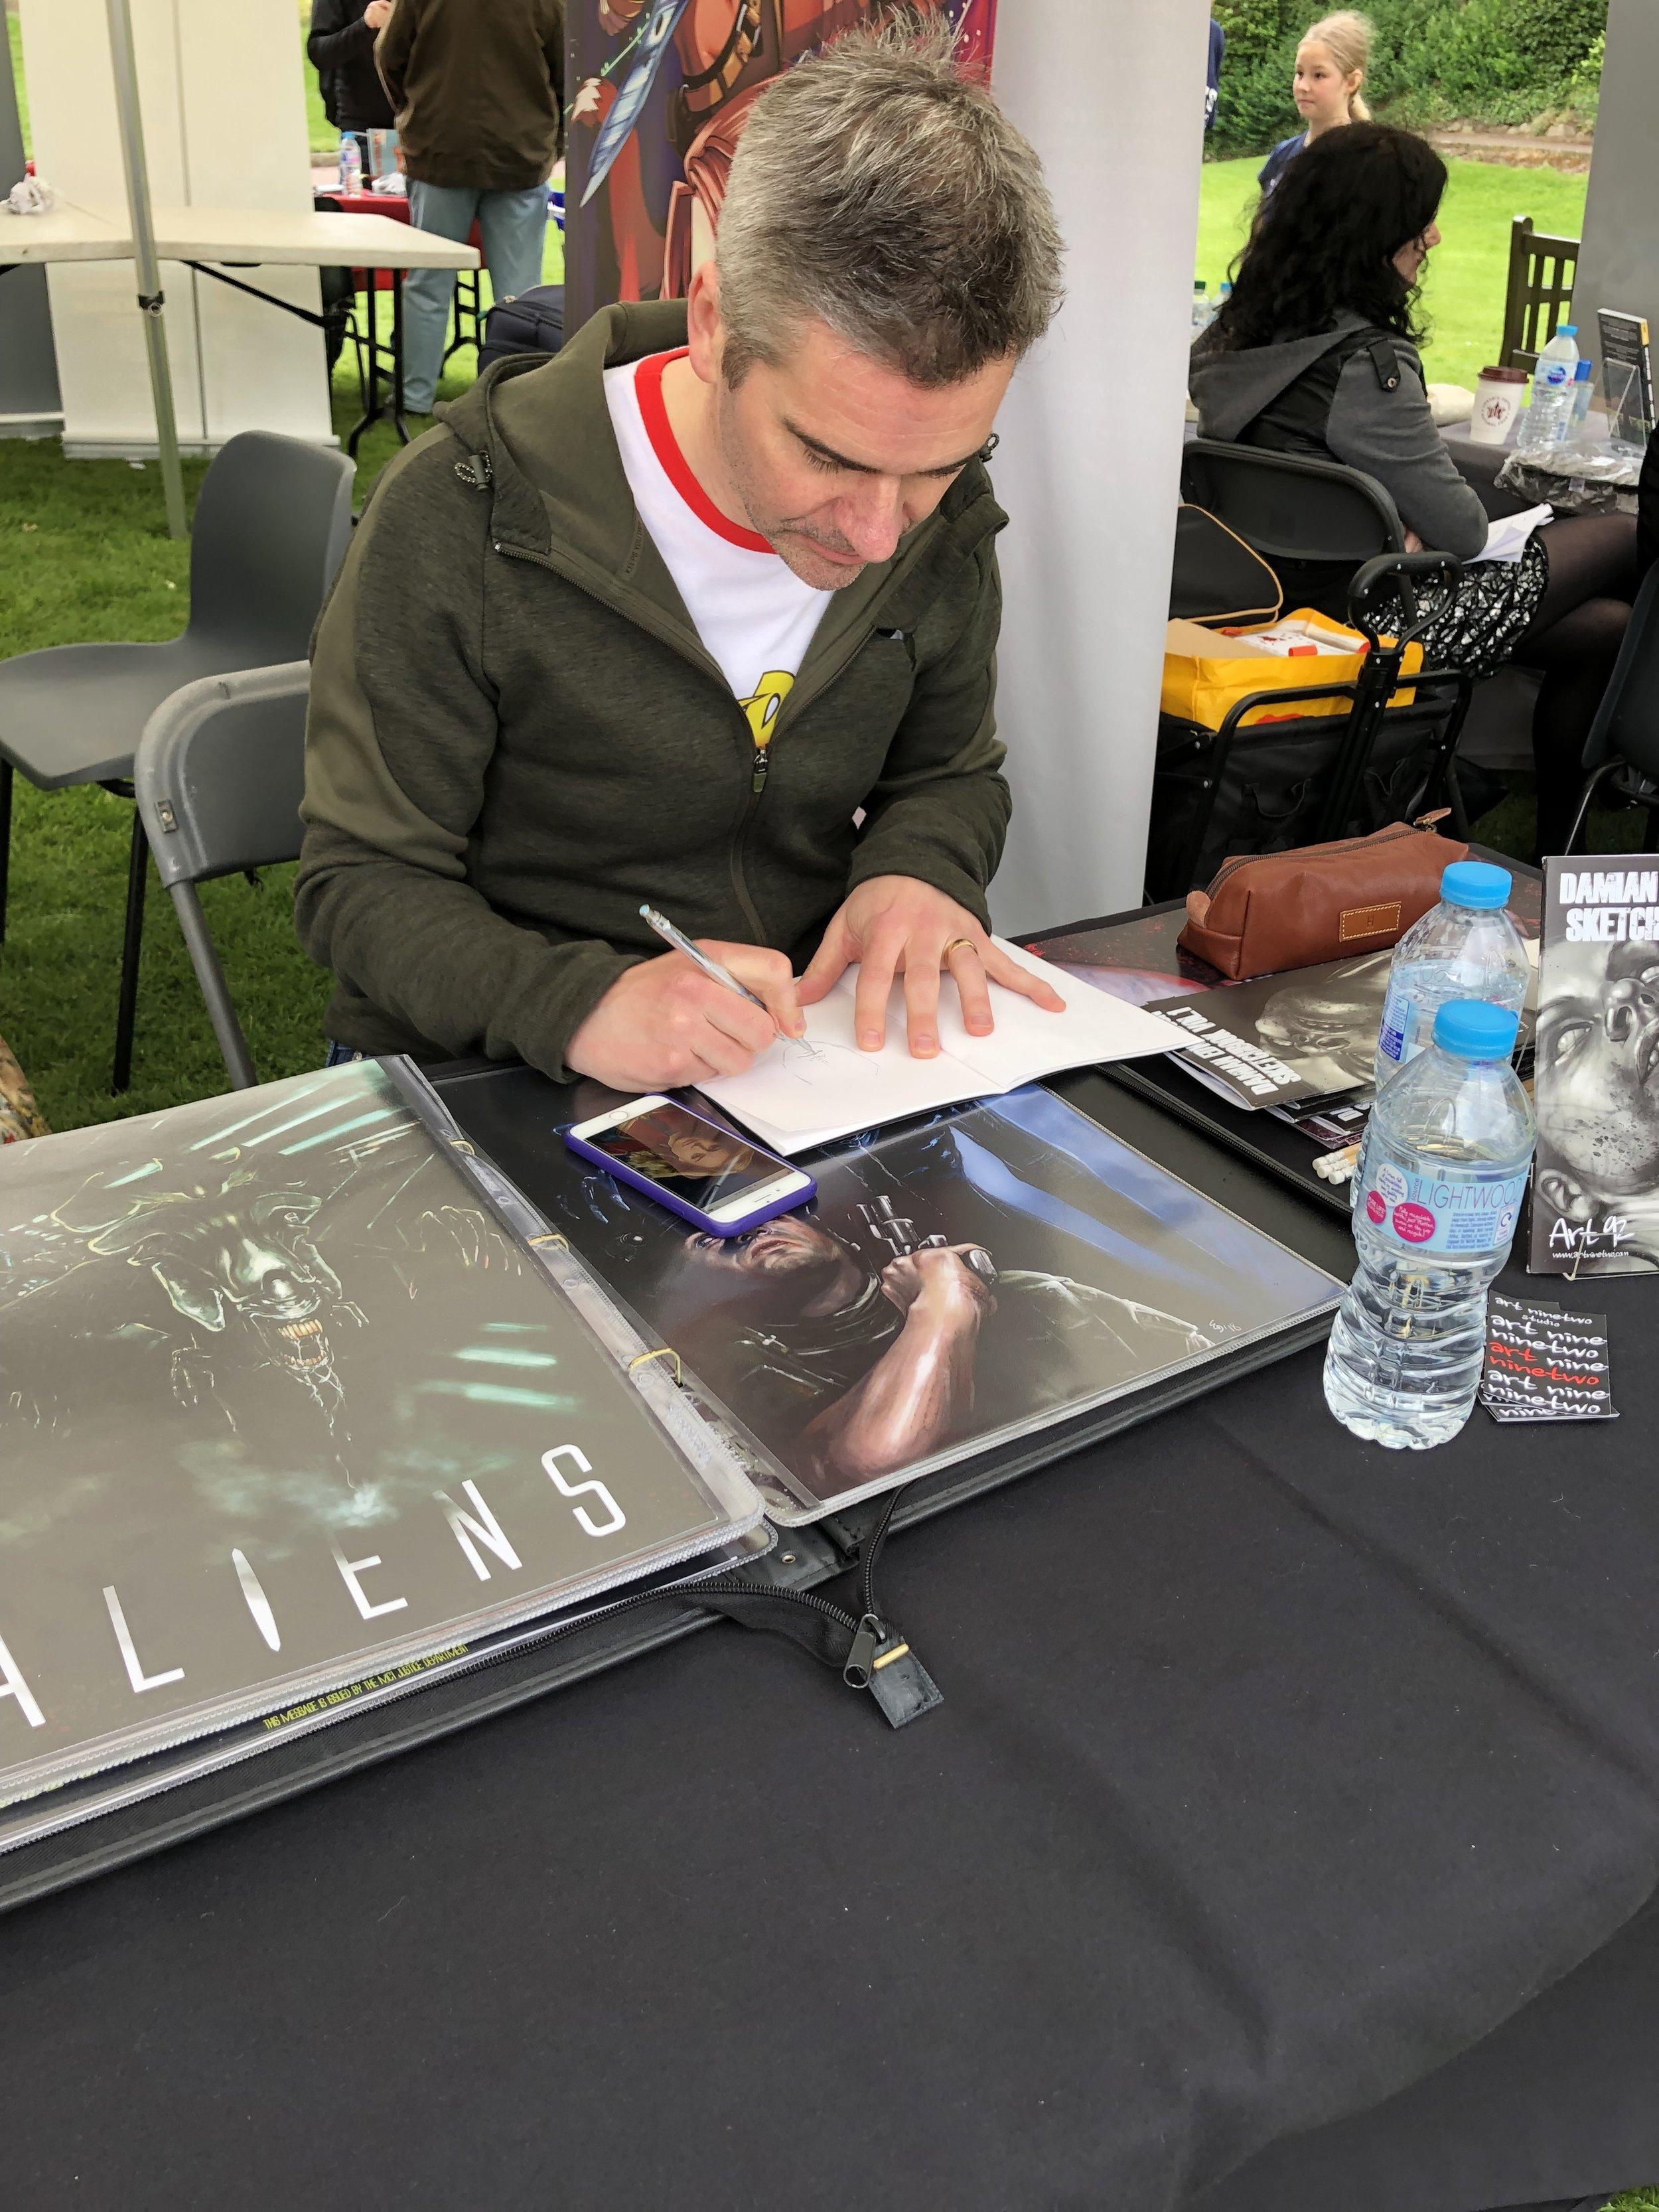 Damian sketching